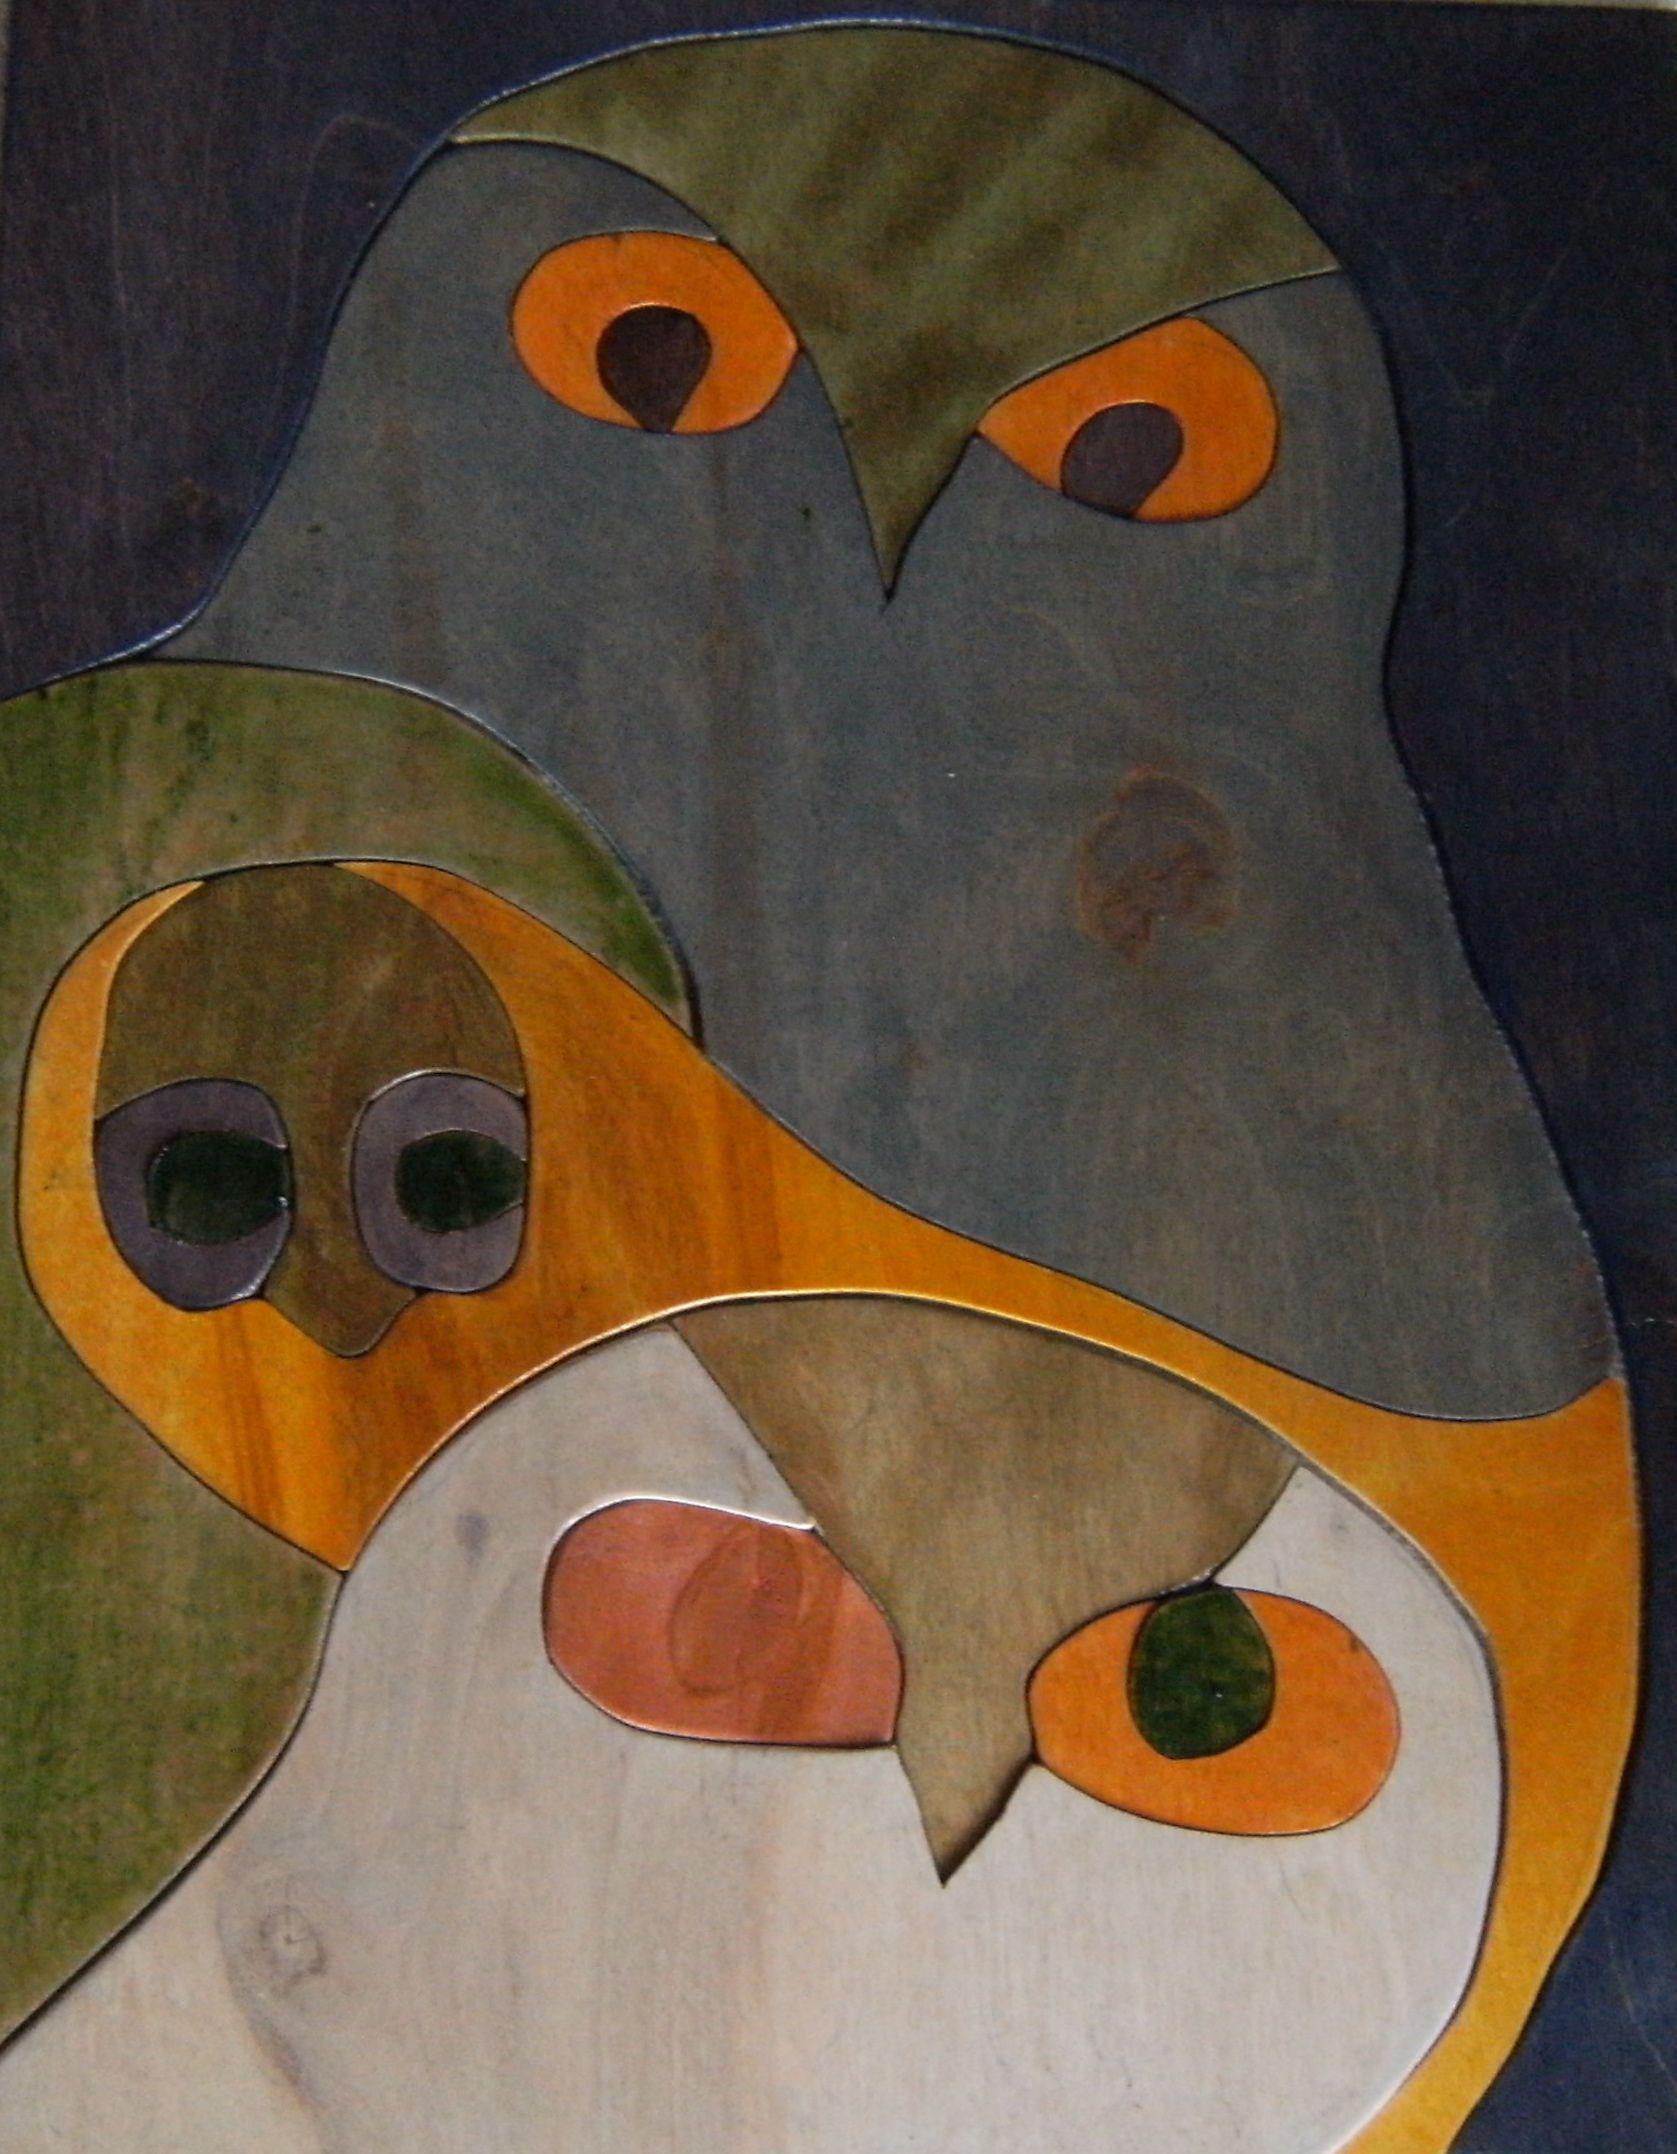 Wink, inspired by Inuit artist Ningeokuluk Teevee in 2019